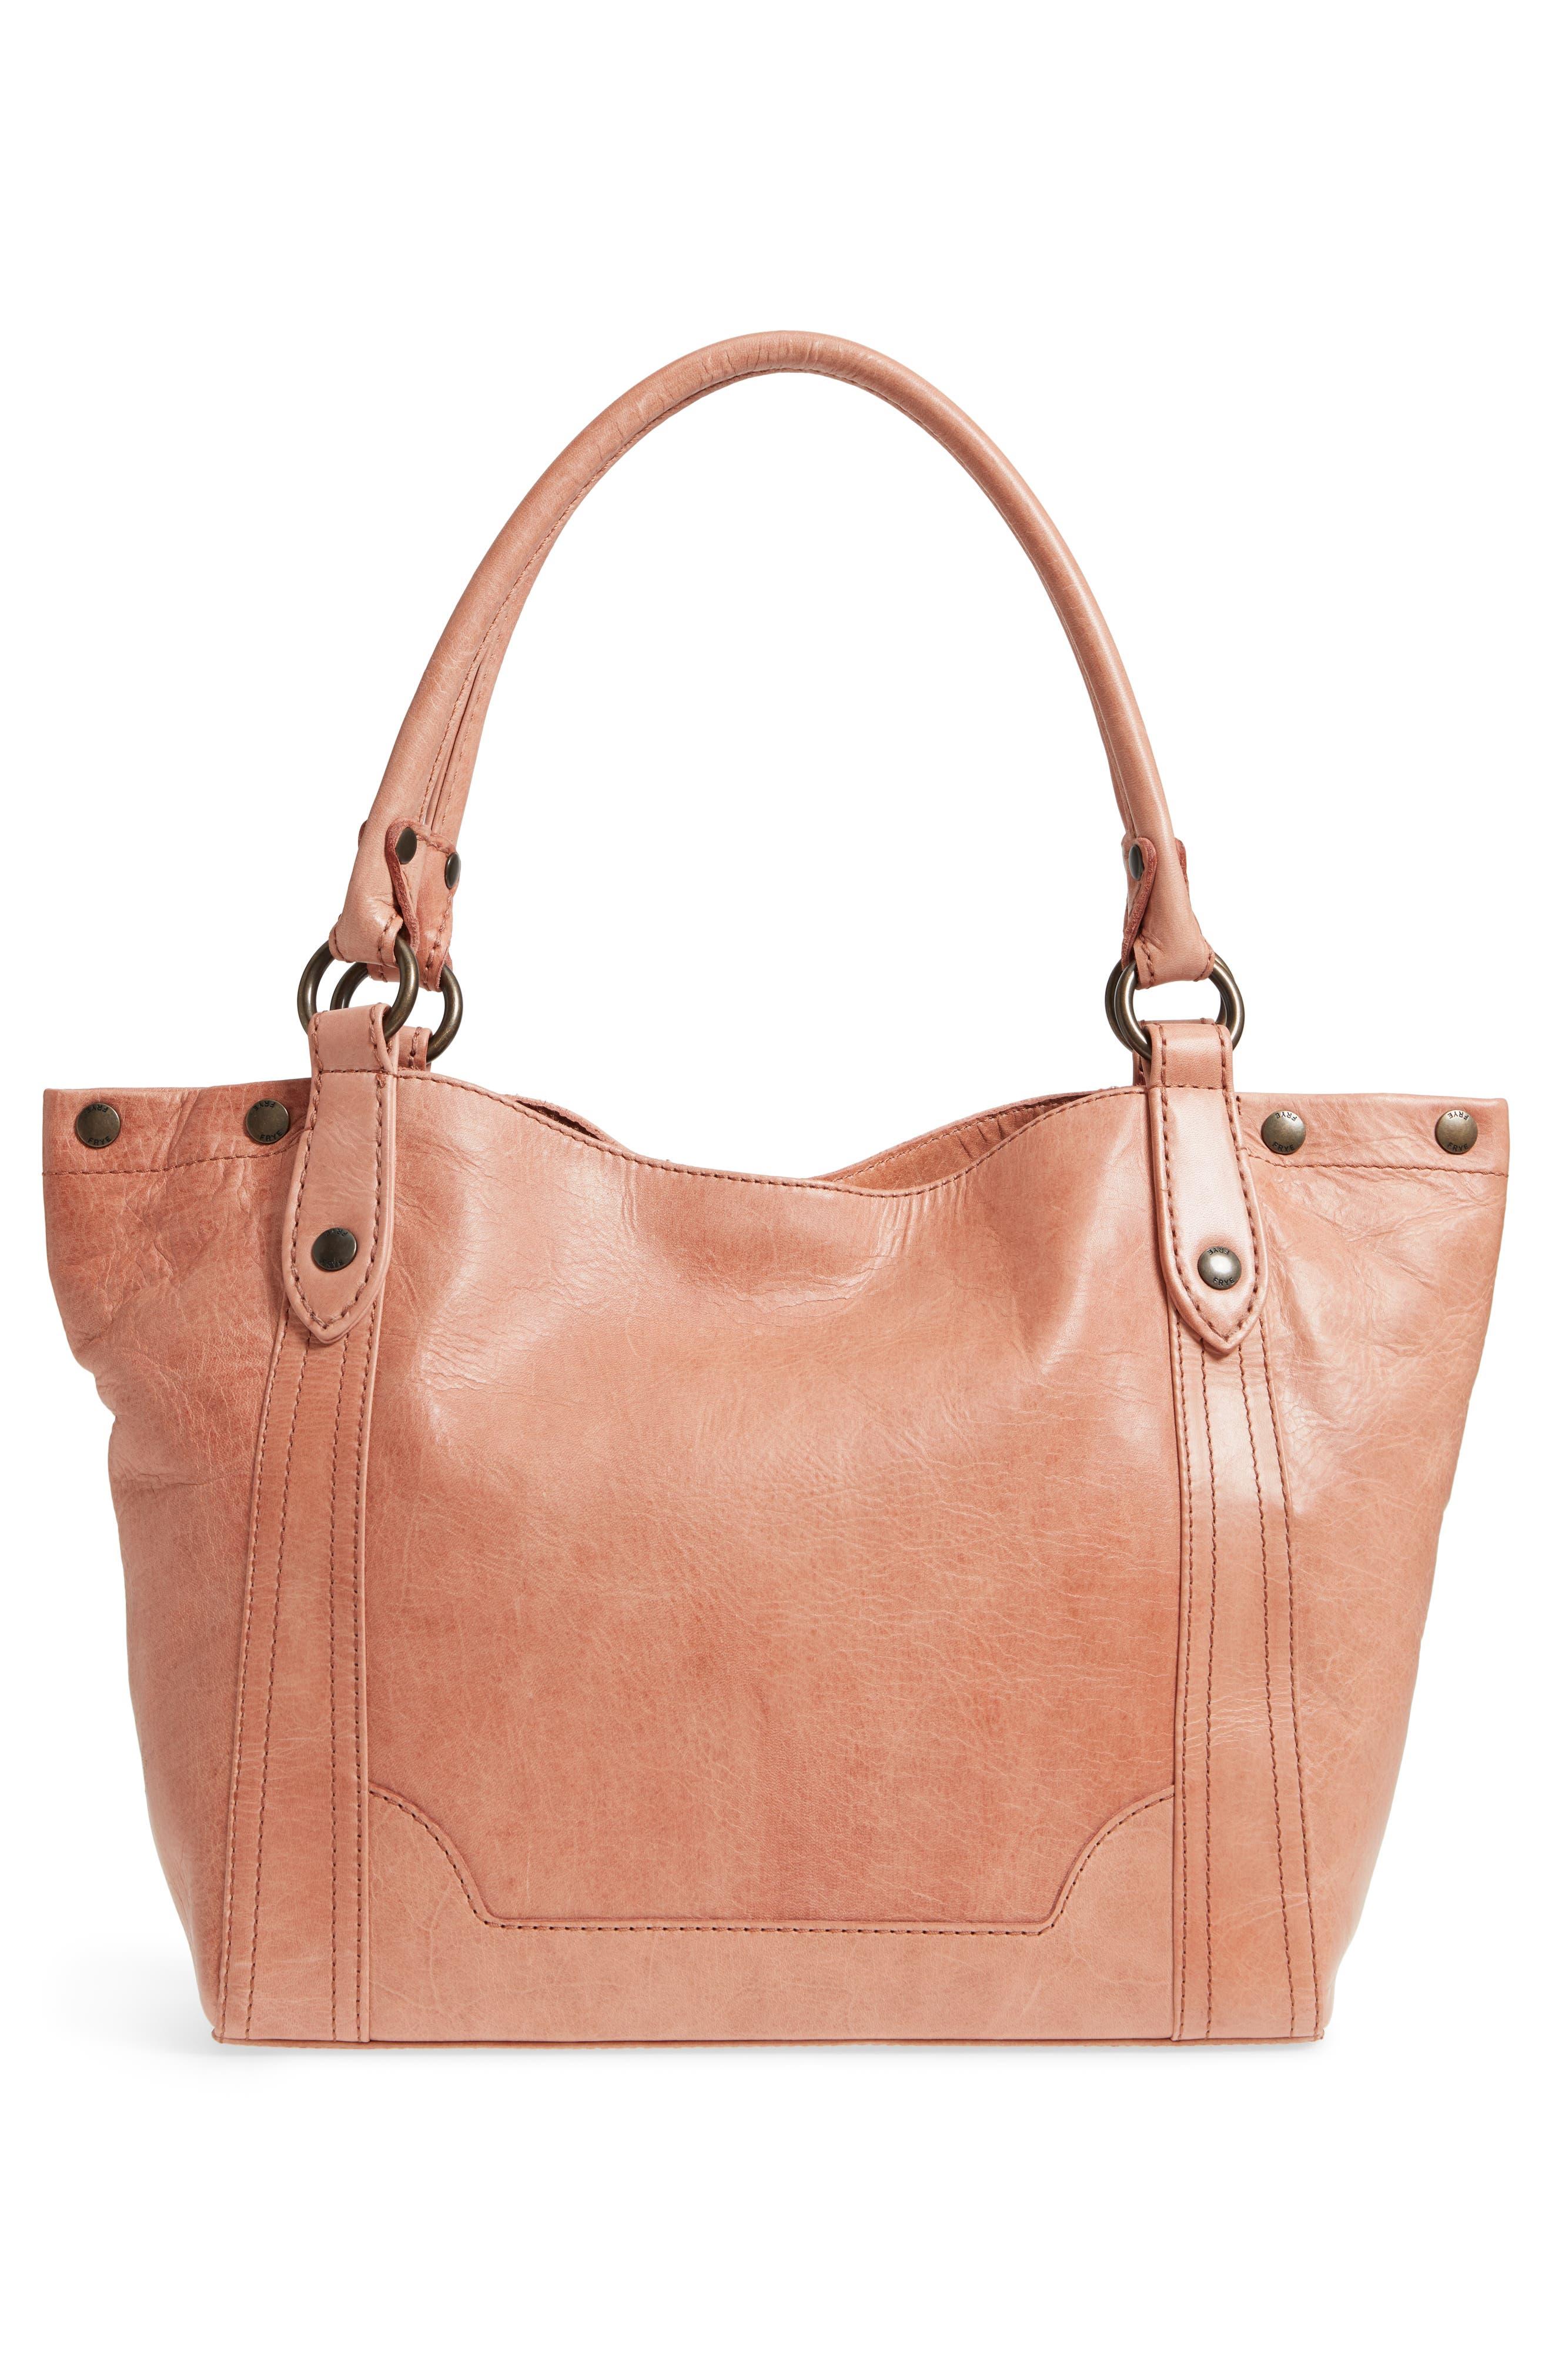 Melissa Leather Shoulder Bag,                             Alternate thumbnail 3, color,                             DUSTY ROSE